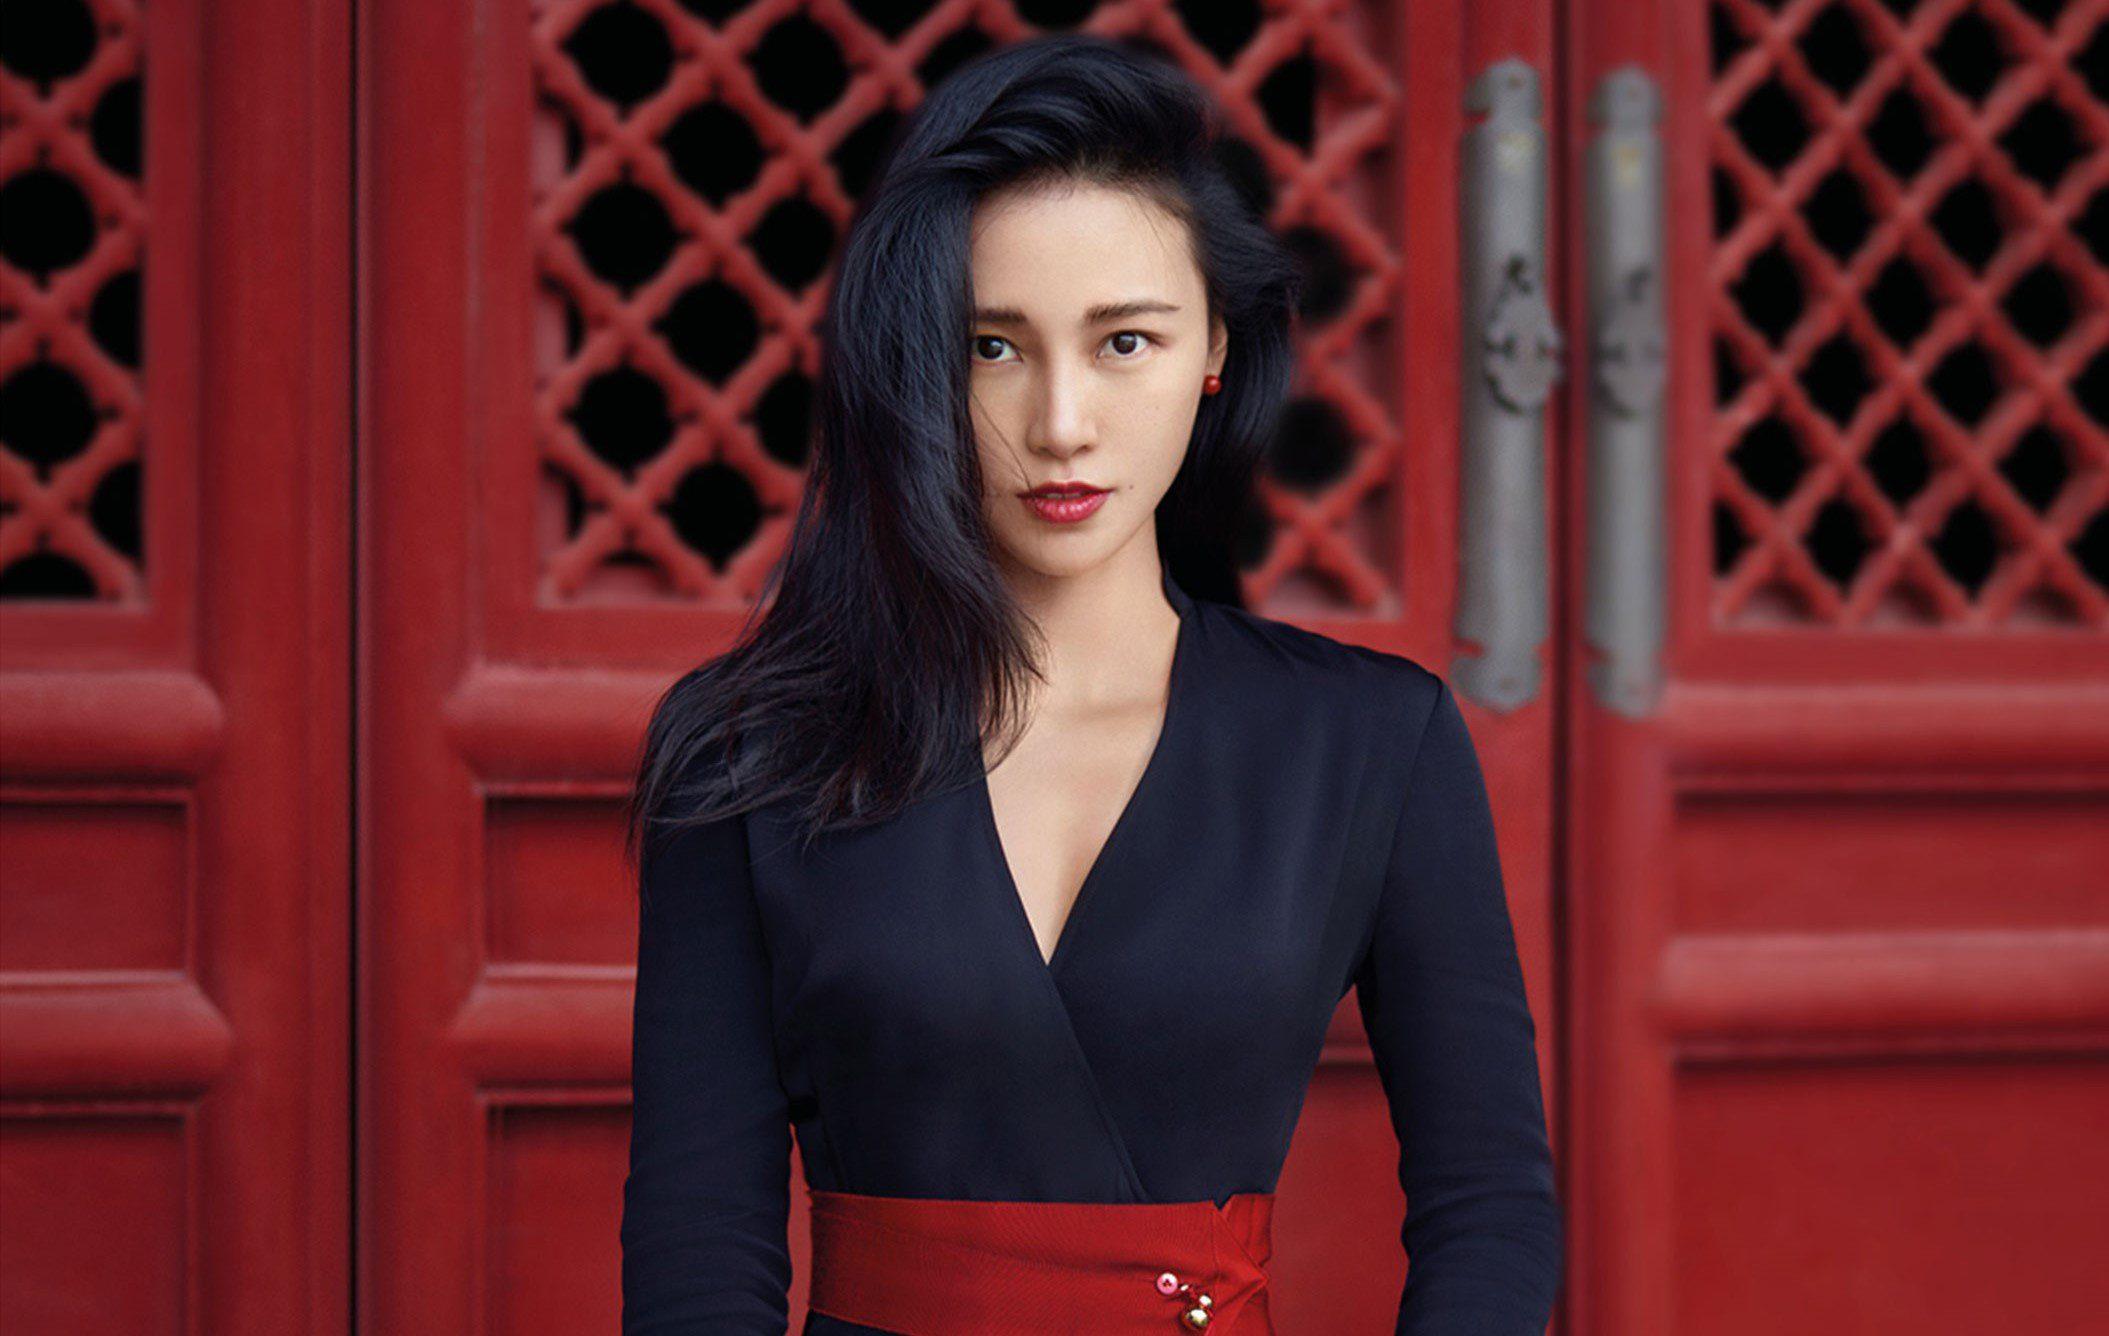 Mandarin Oriental Hotel Group Welcomes Chen Man Fan